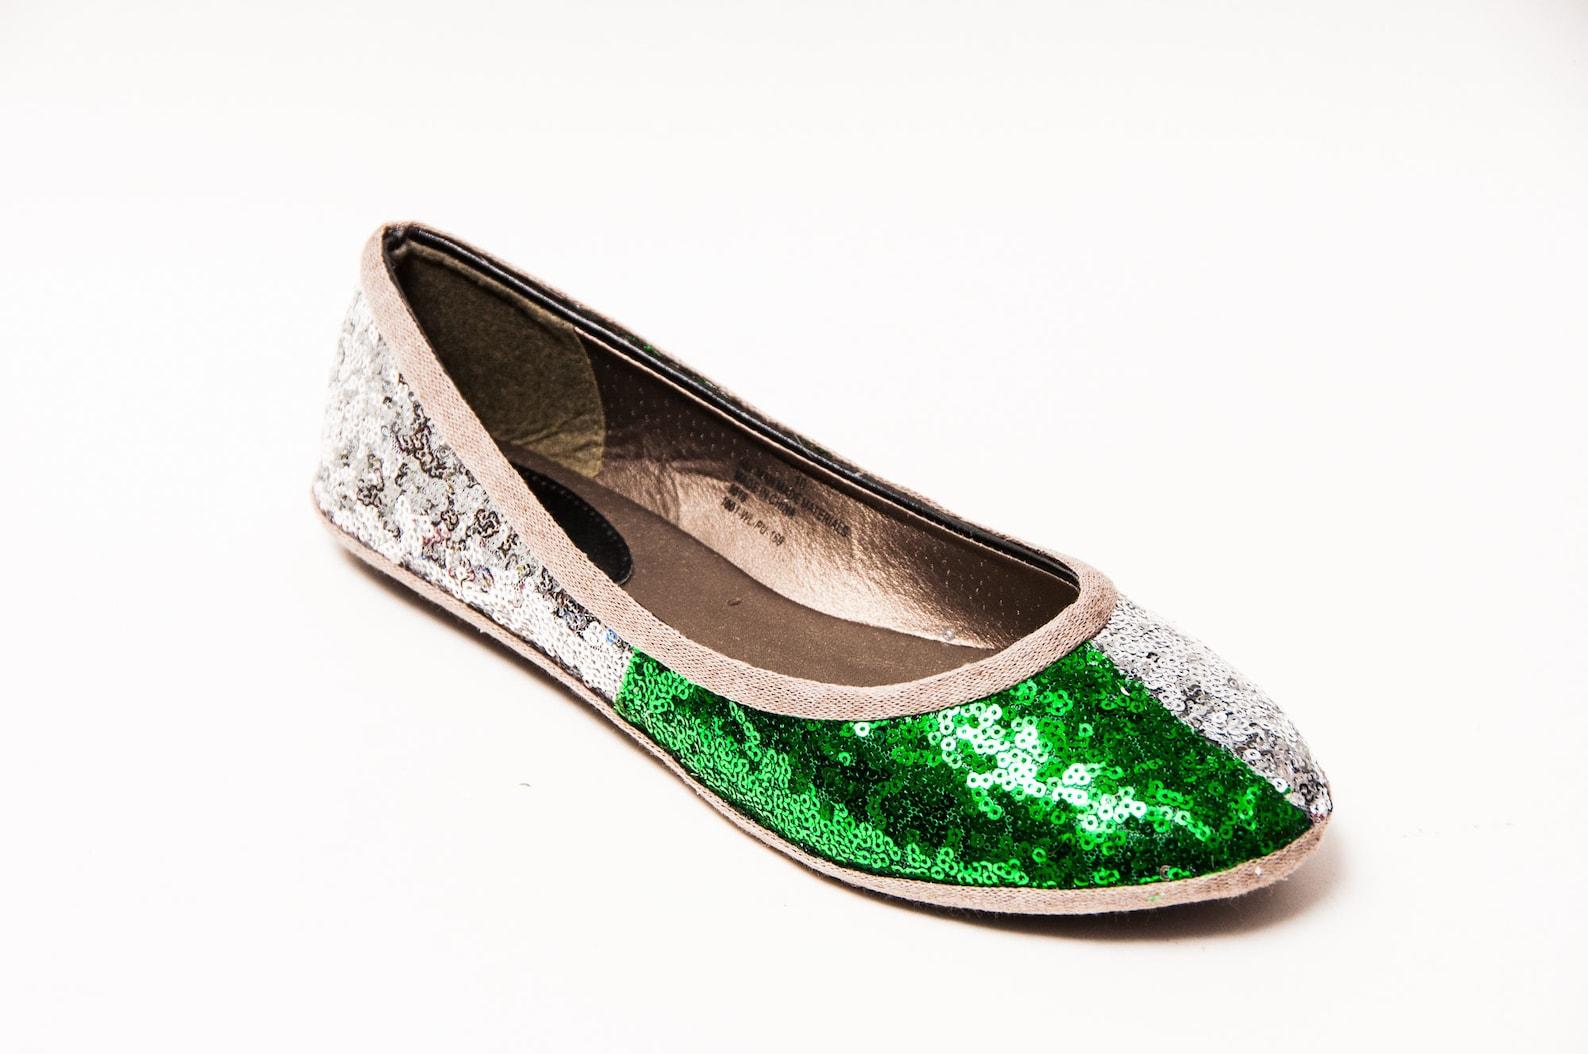 tiny sequin - 2 tone magic house dormitory ballet flats sequin shoes